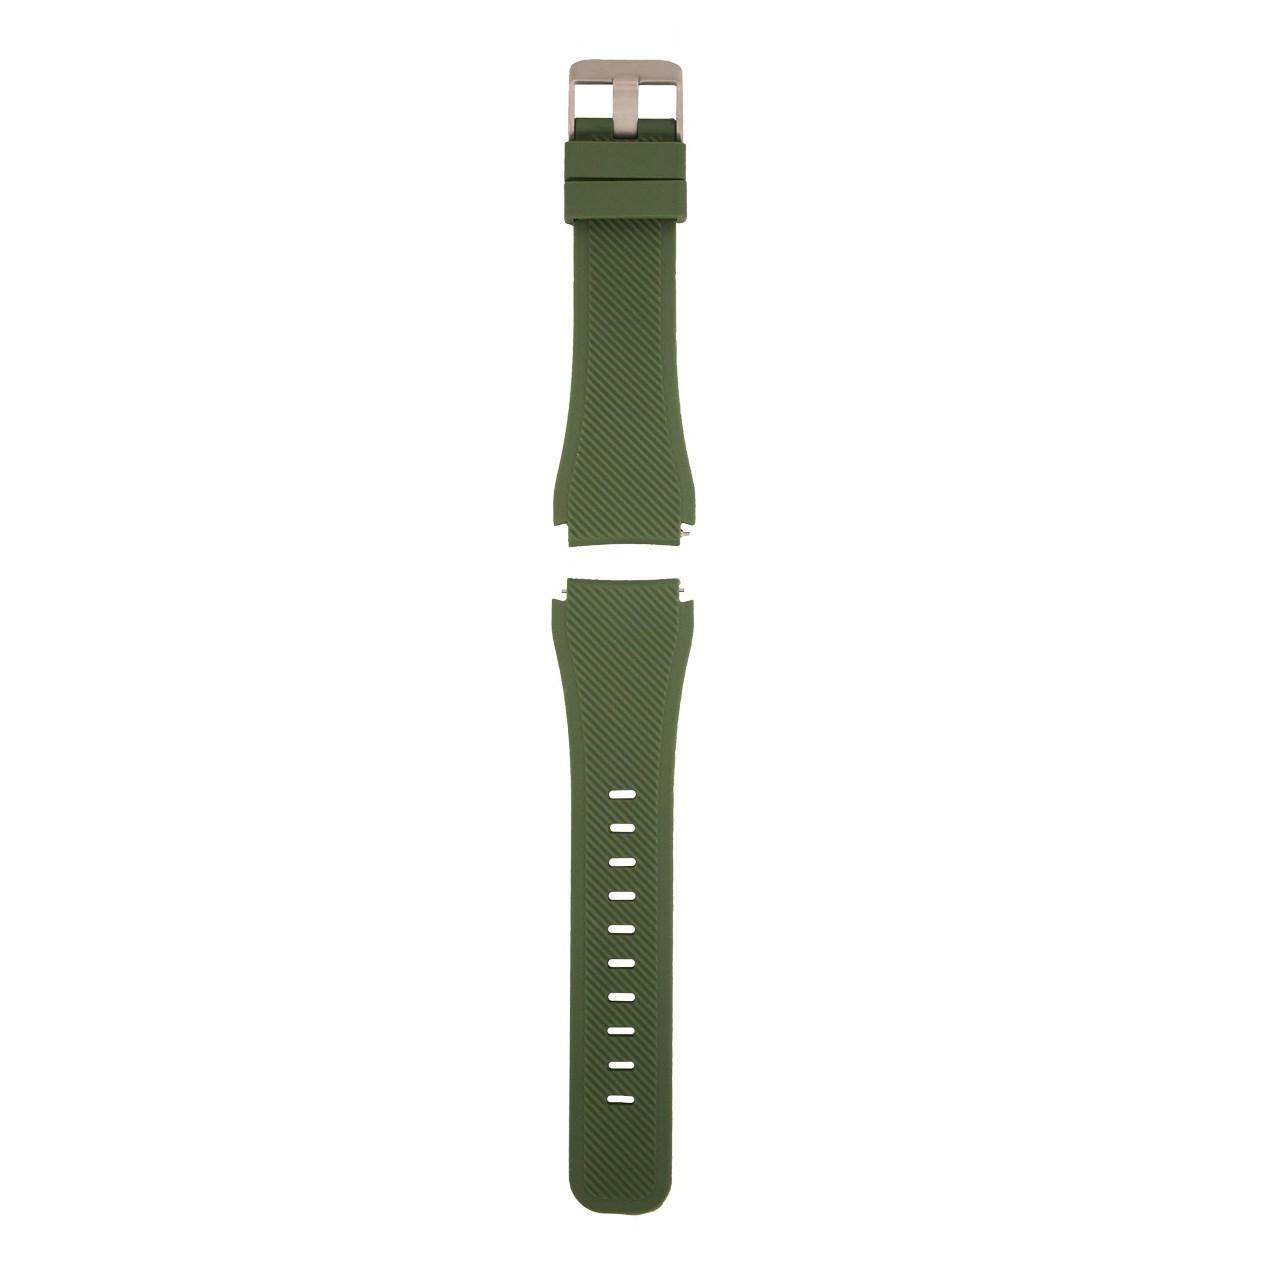 بند سیلیکونی سامسونگ مدل Fasion Style مناسب برای Gear S3